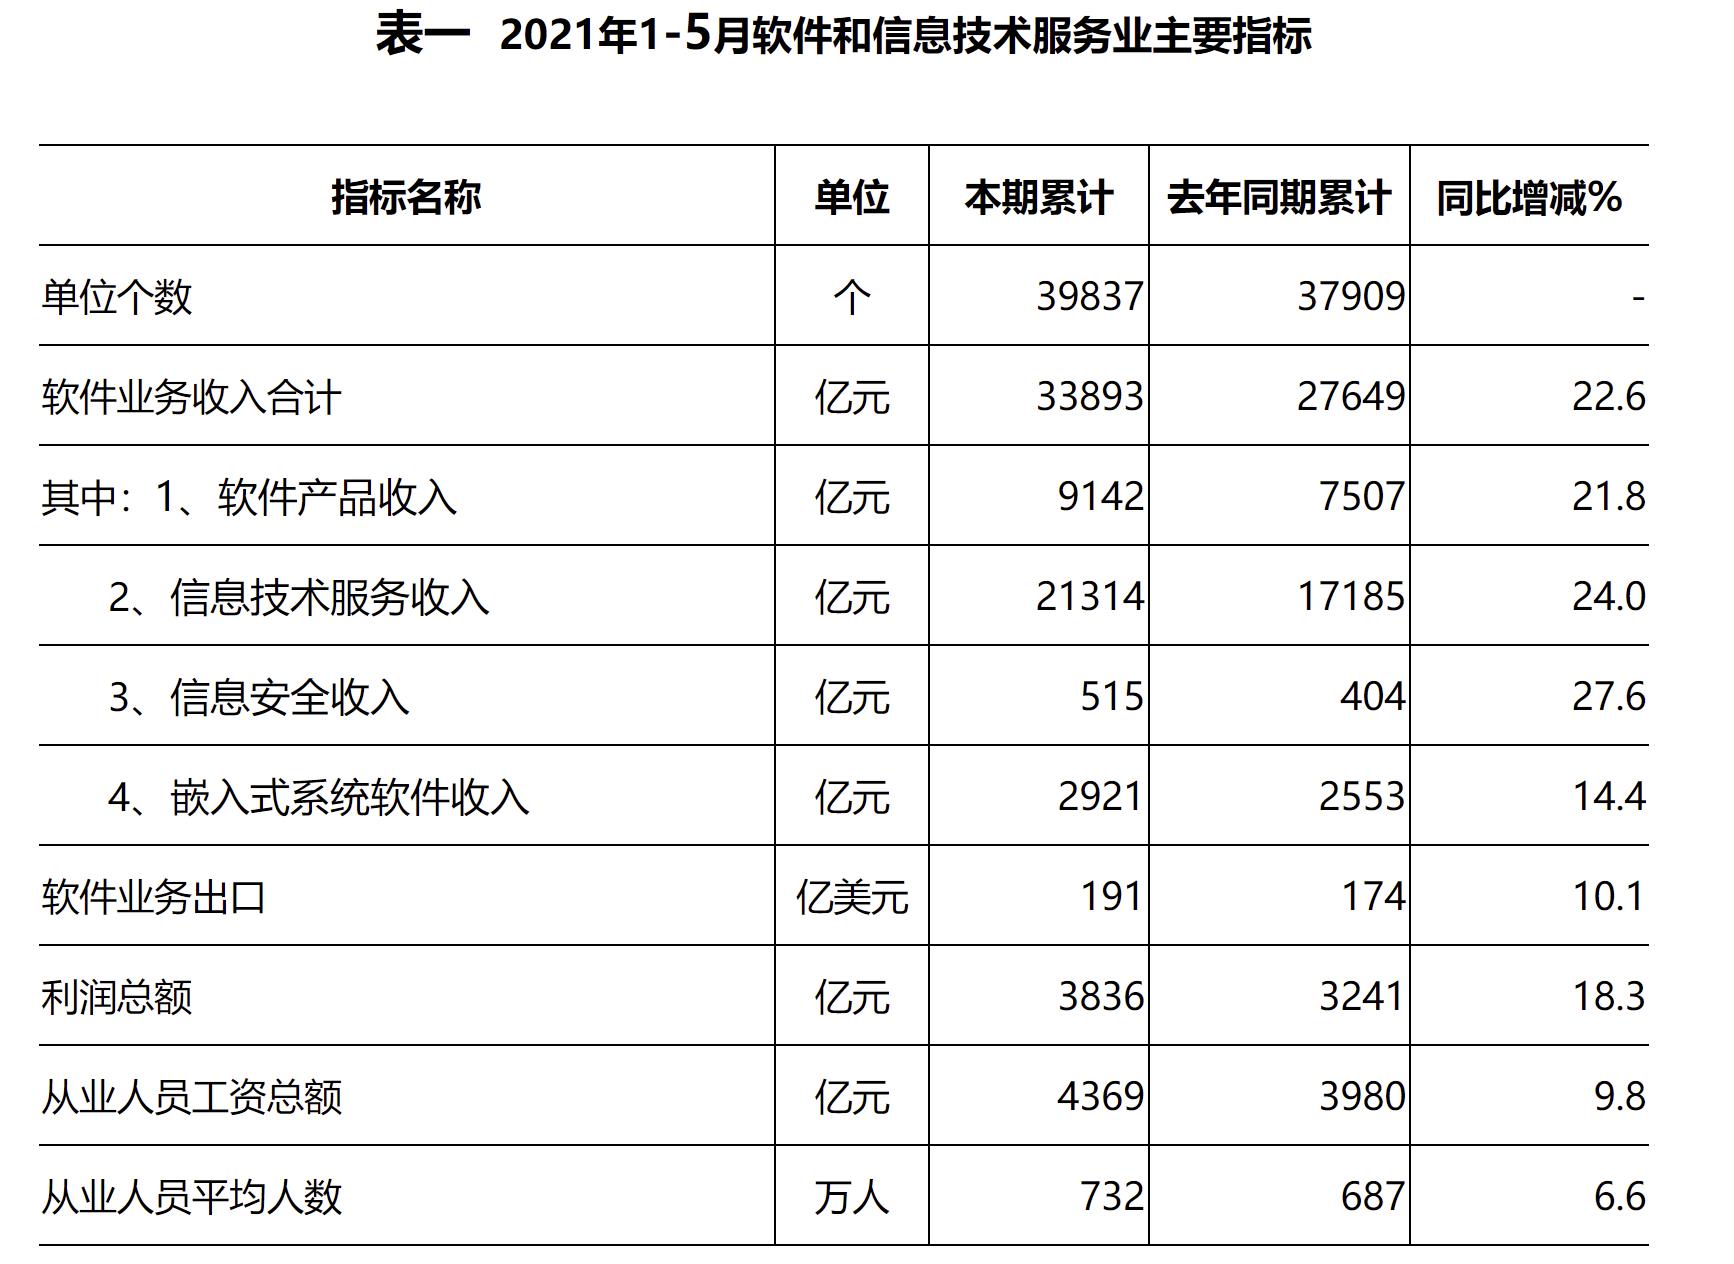 今年前五月我国软件业务收入33893亿元,同比增长22.6%